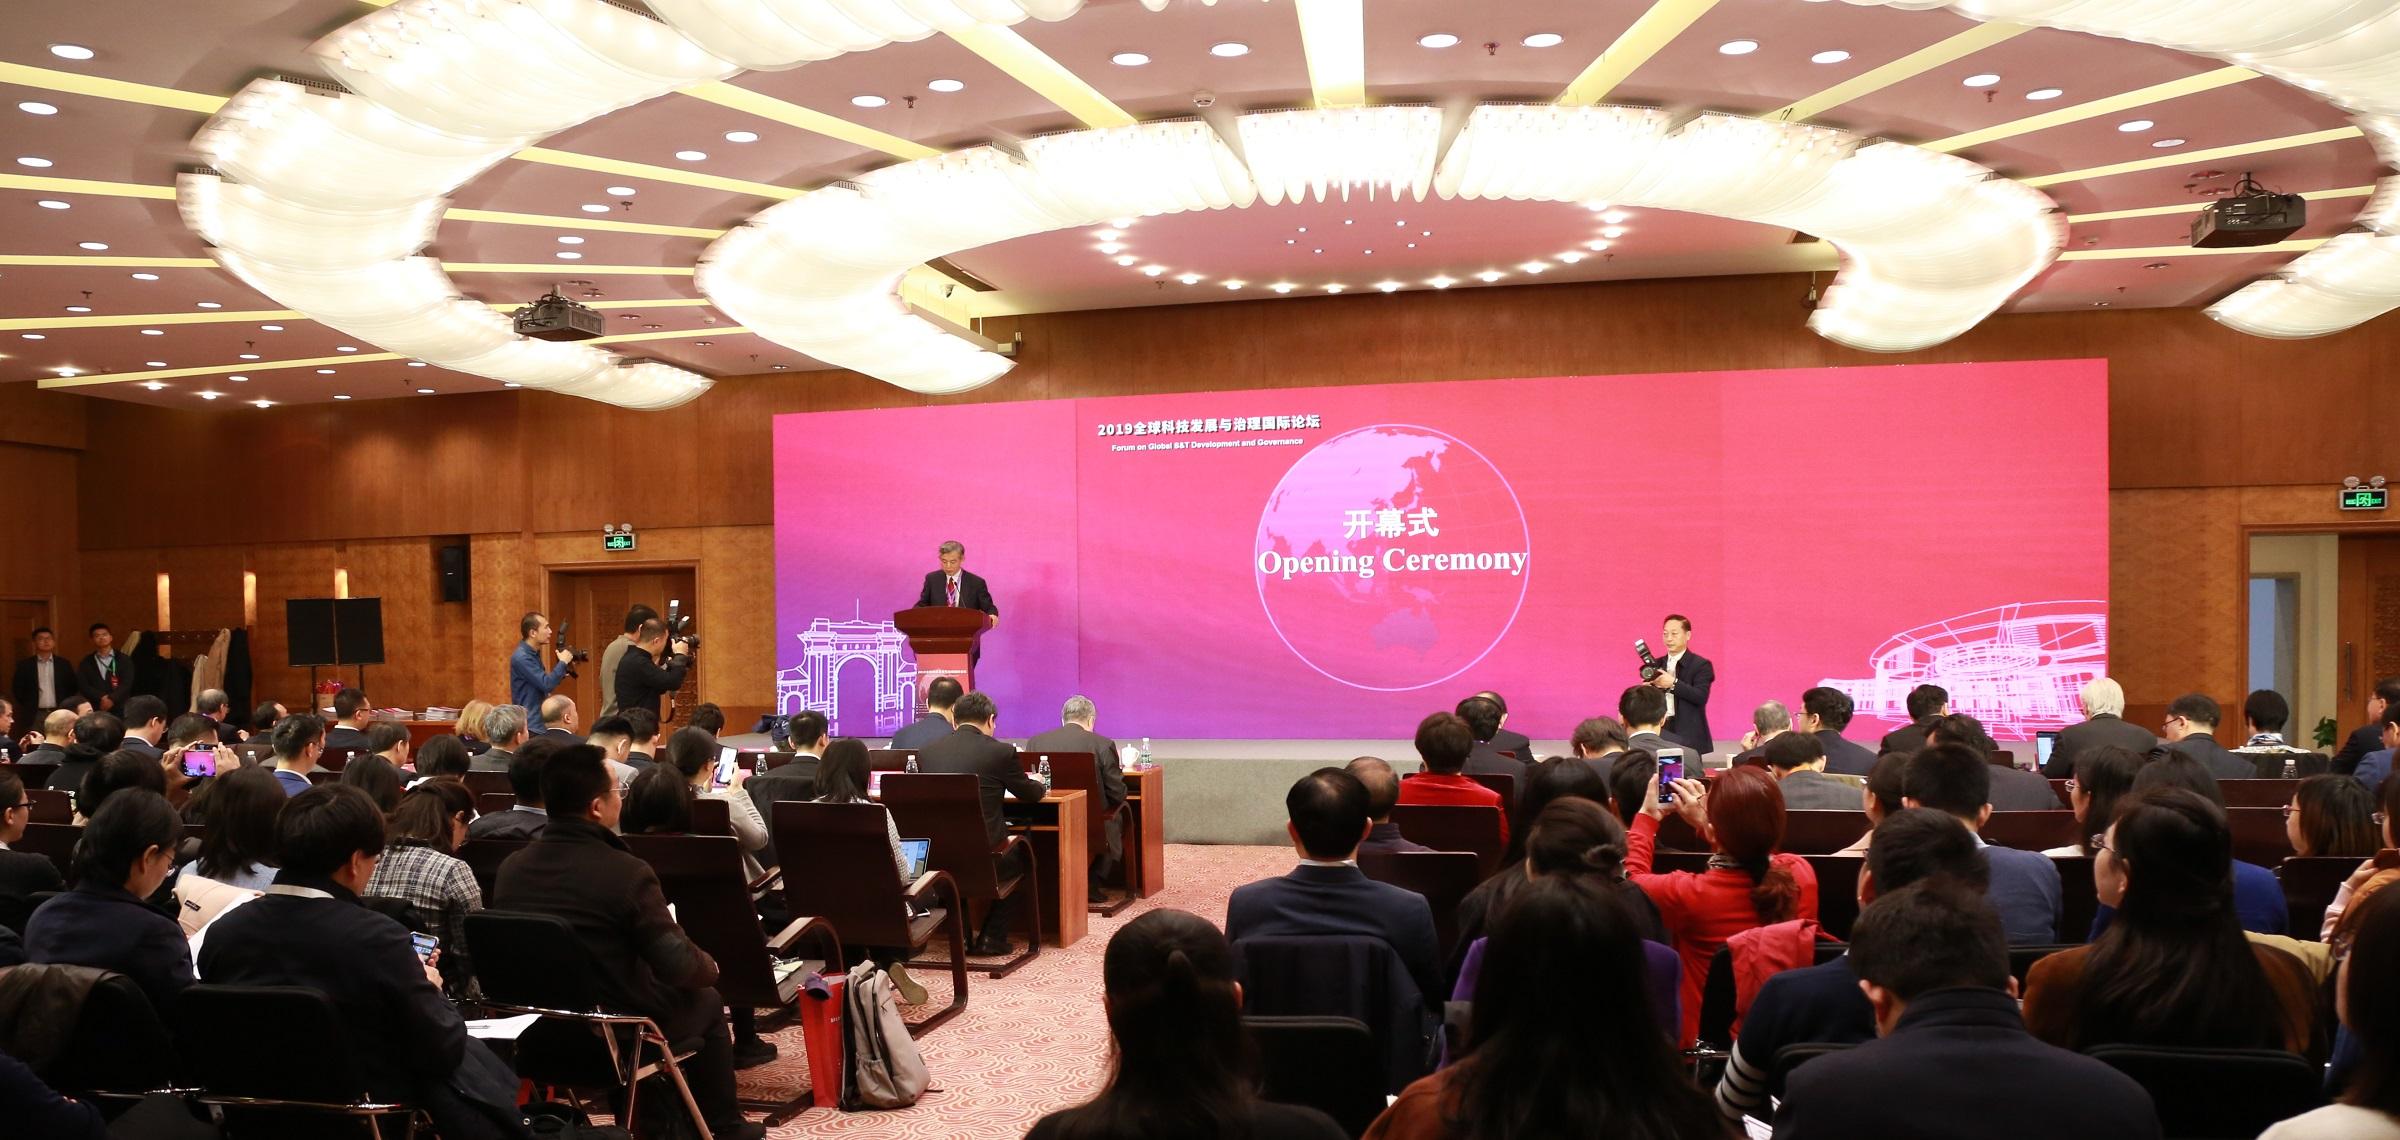 2019全球科技发展与治理国际论坛开幕式